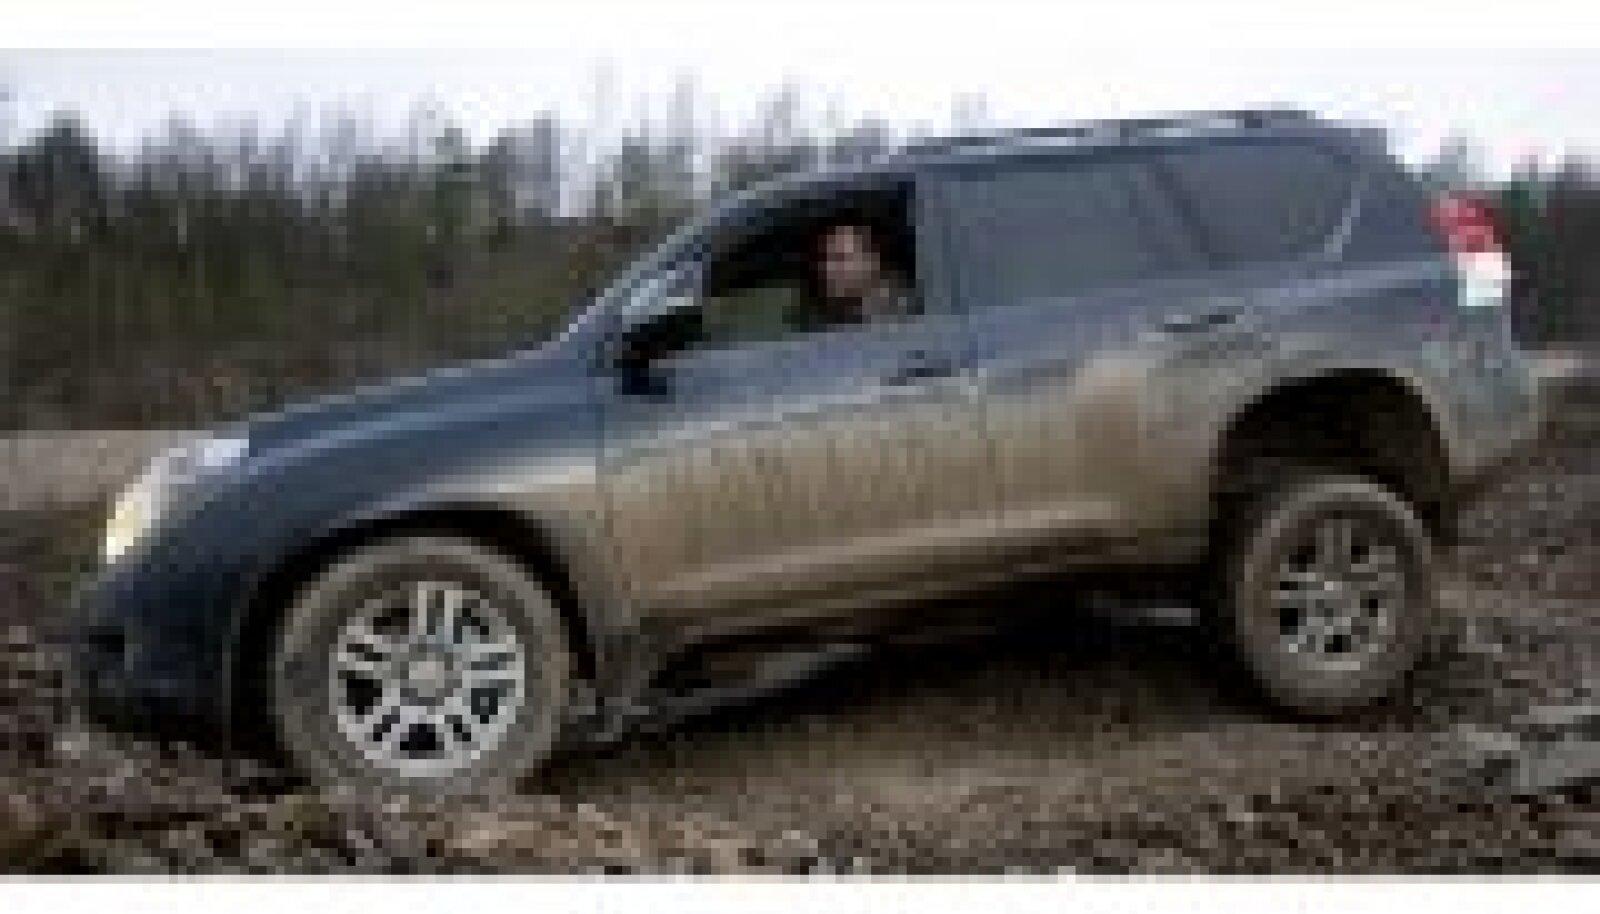 Eestimaalase tüüpiline talveato: Toyota Land Cruiser ehk Länkkar